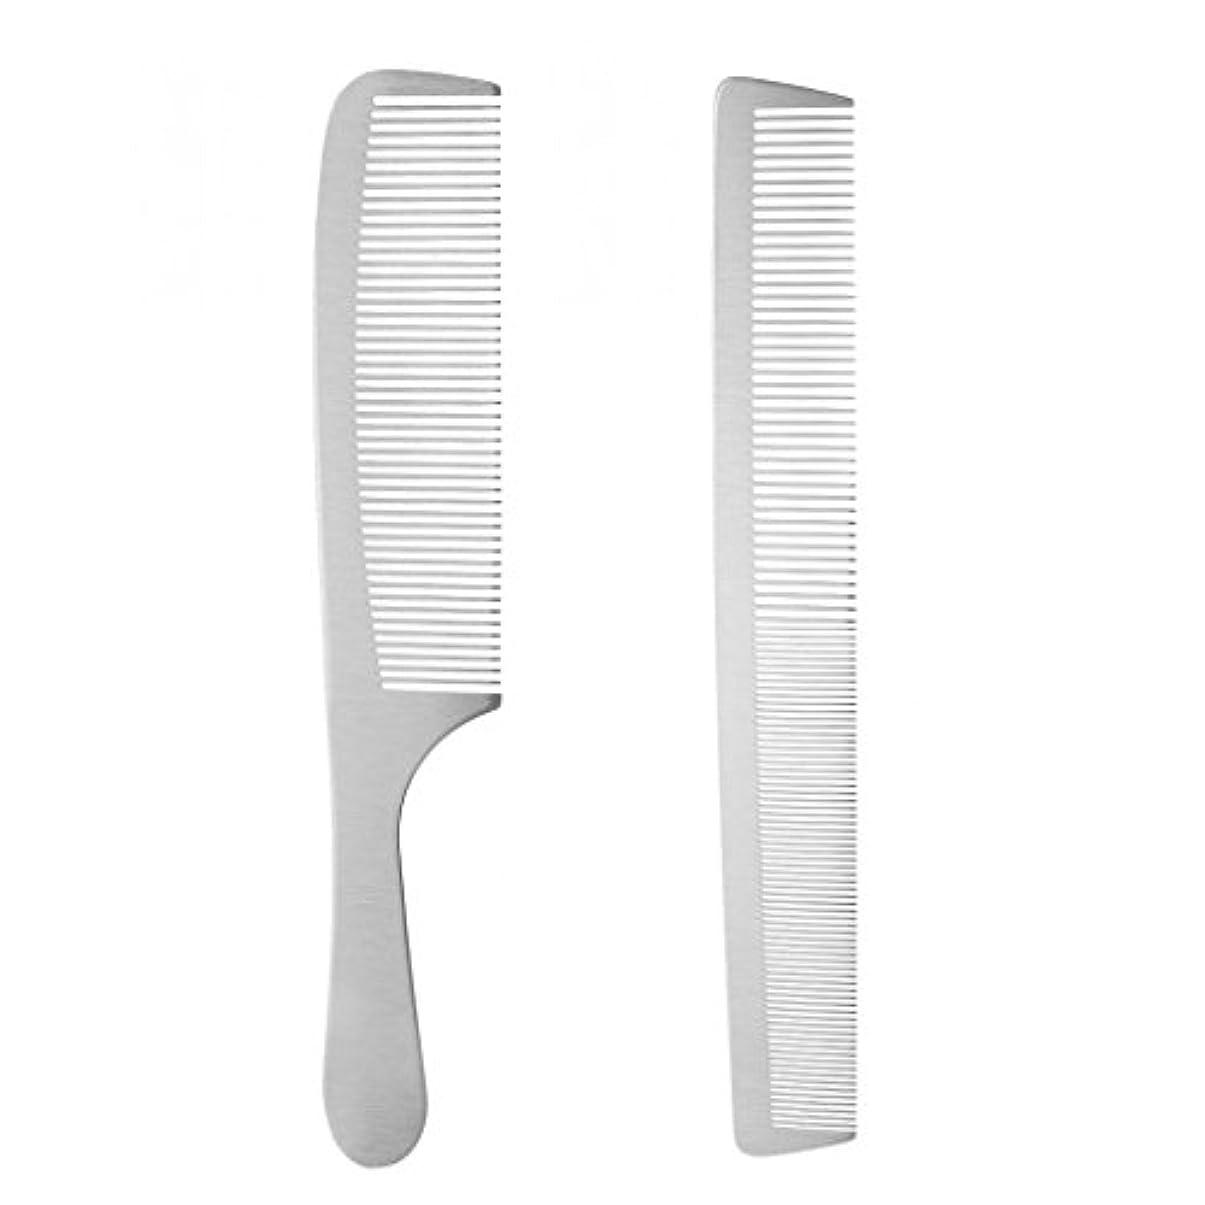 インタビュー一般的なインシュレータT TOOYFUL 2倍のステンレス鋼サロンの理髪師ヘアスタイリングヘアカットカッティングヘアブラシ